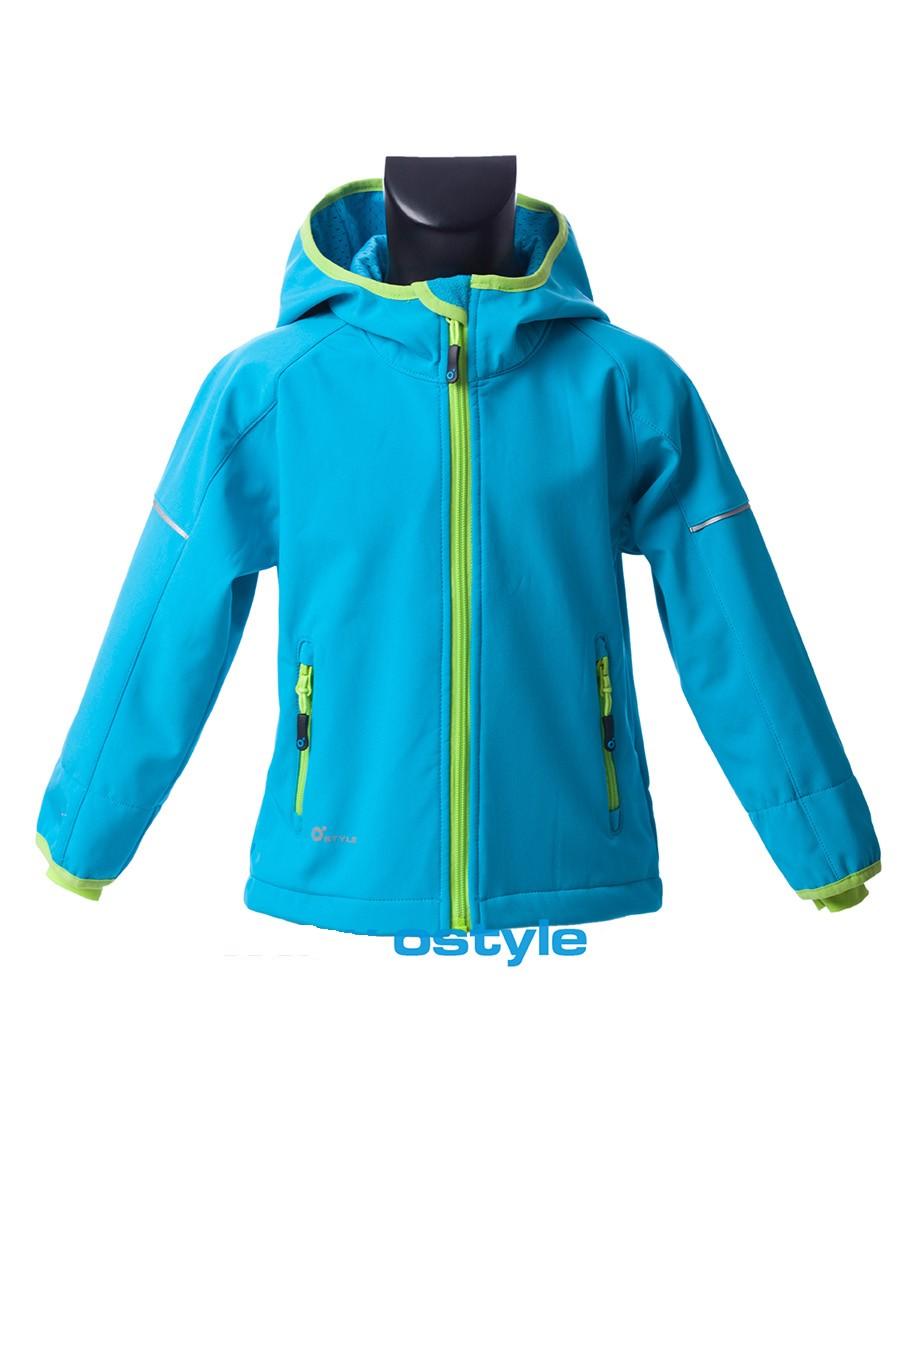 Dětská softshellová bunda O´Style 5329 blue